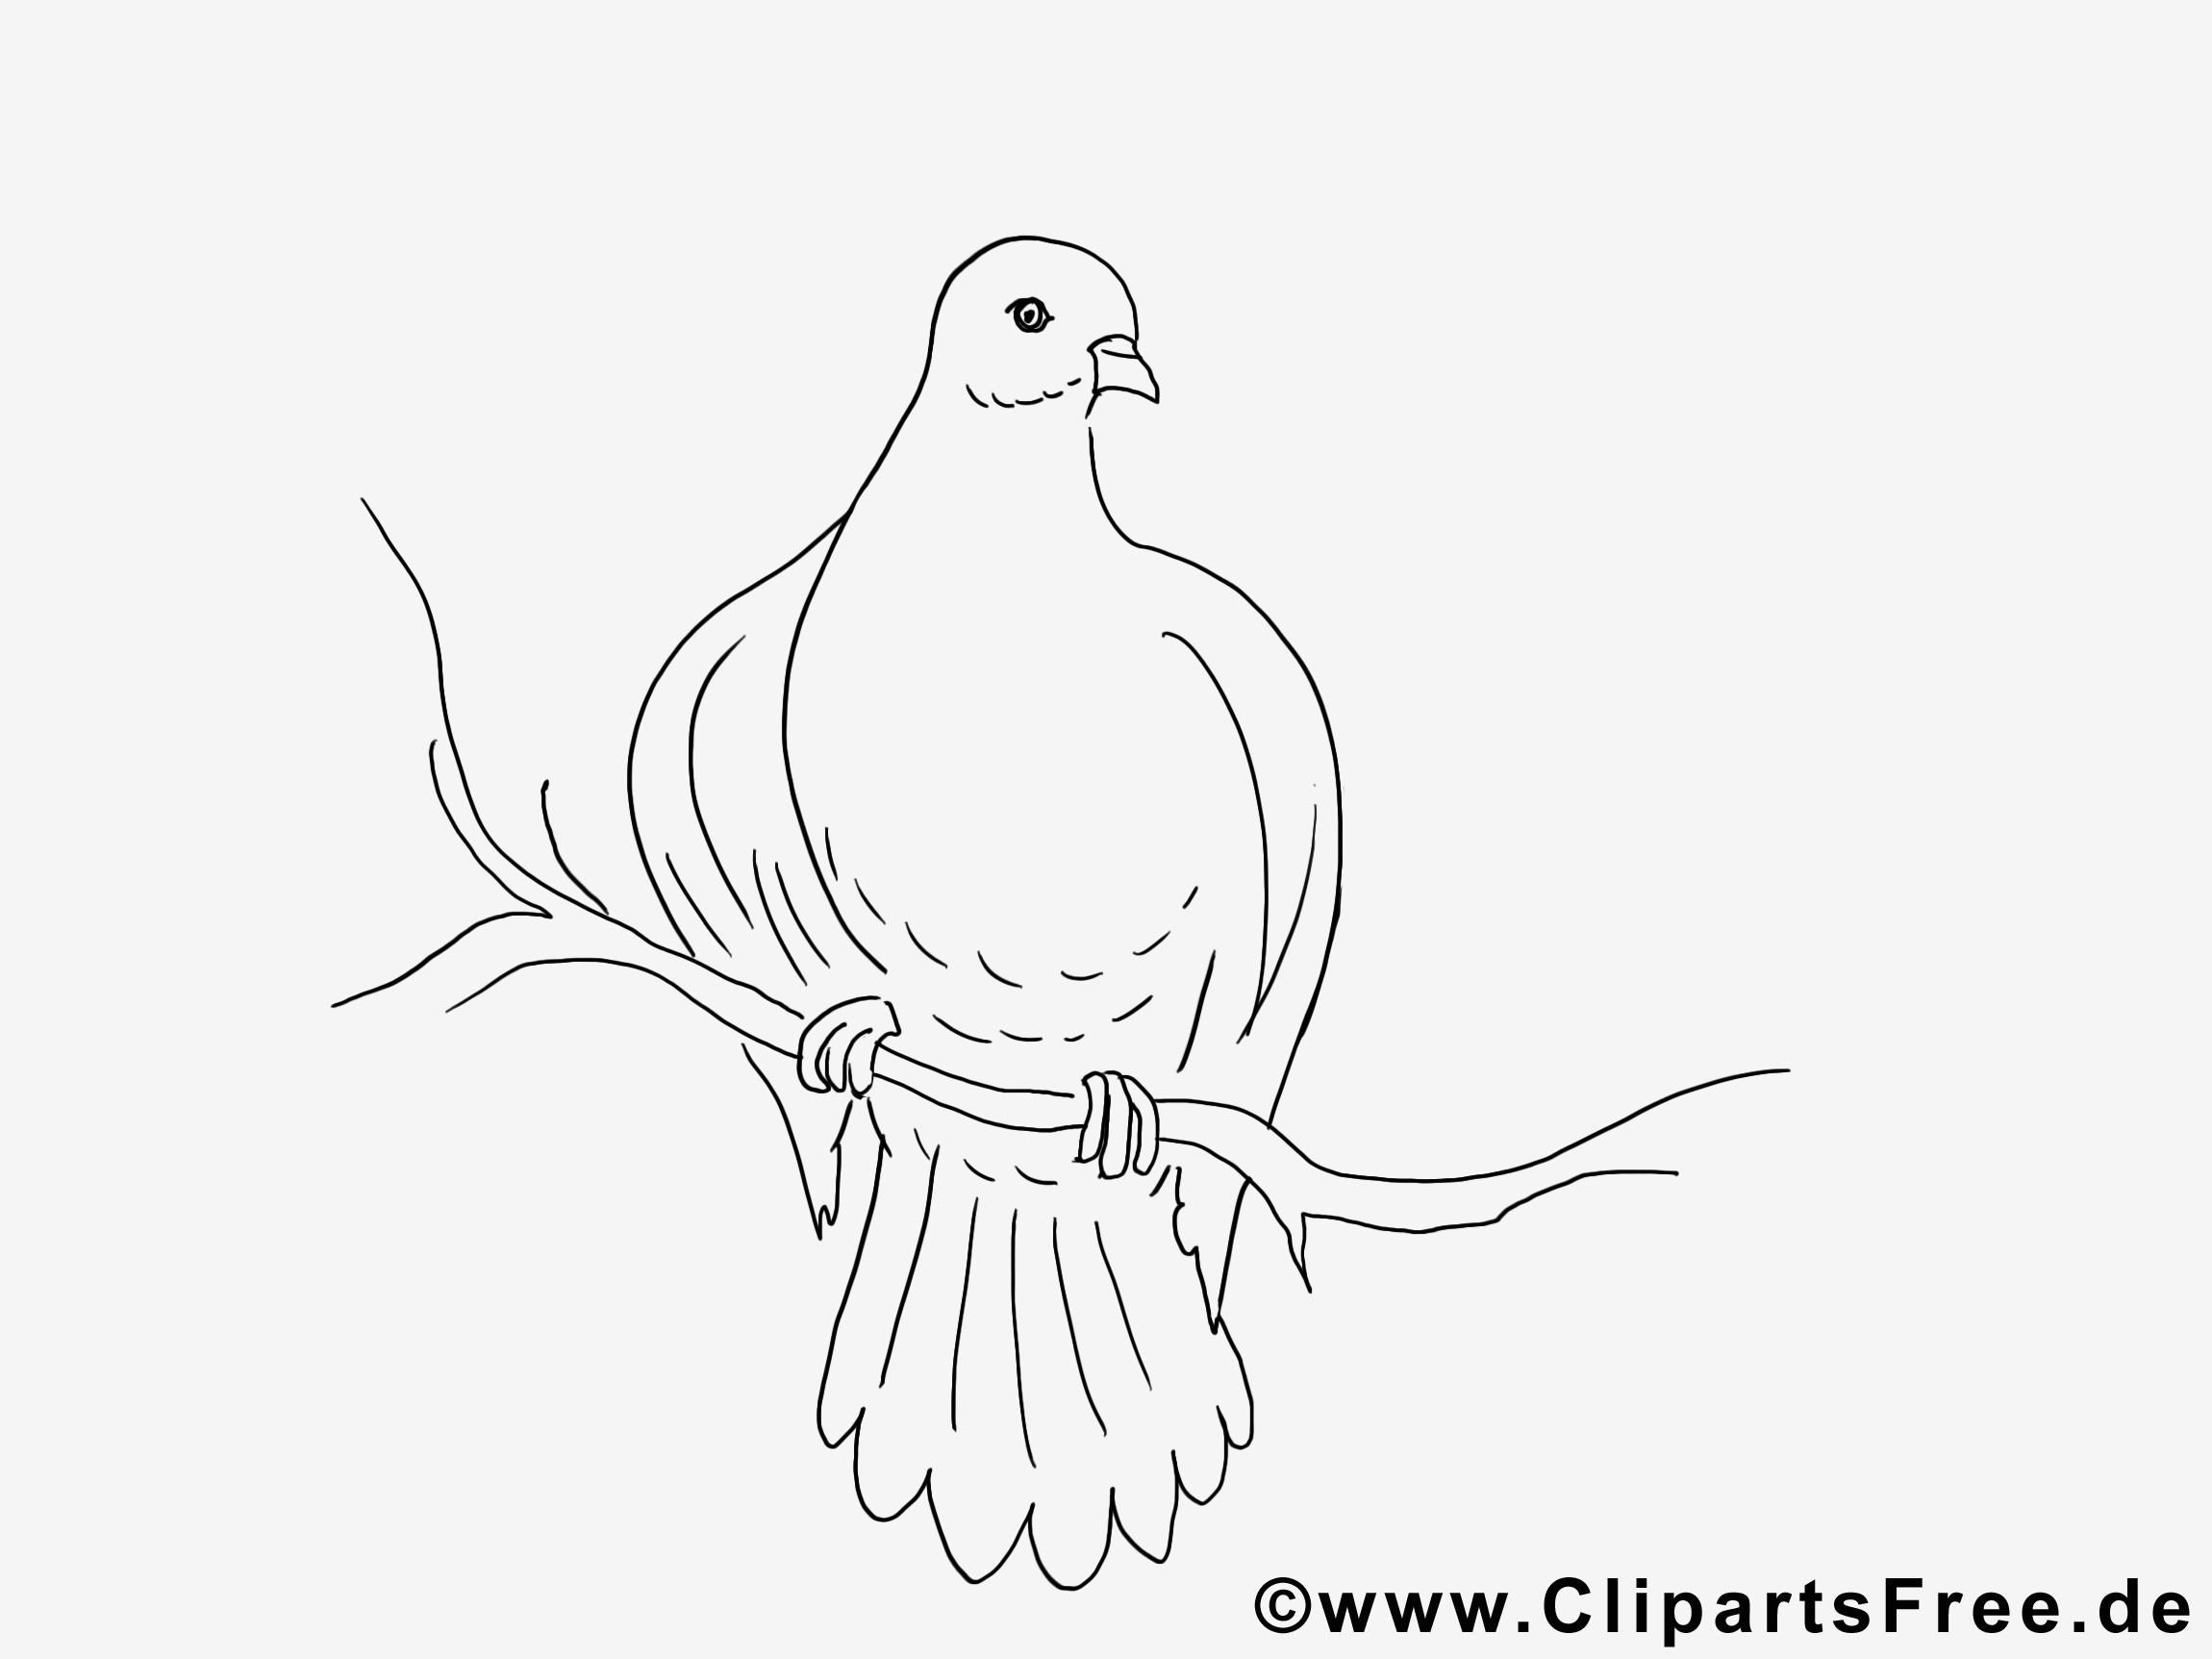 Glubschi Zum Ausmalen Einzigartig Taube Malvorlagen Kostenlos Verschiedene Bilder Färben Glubschi Bild